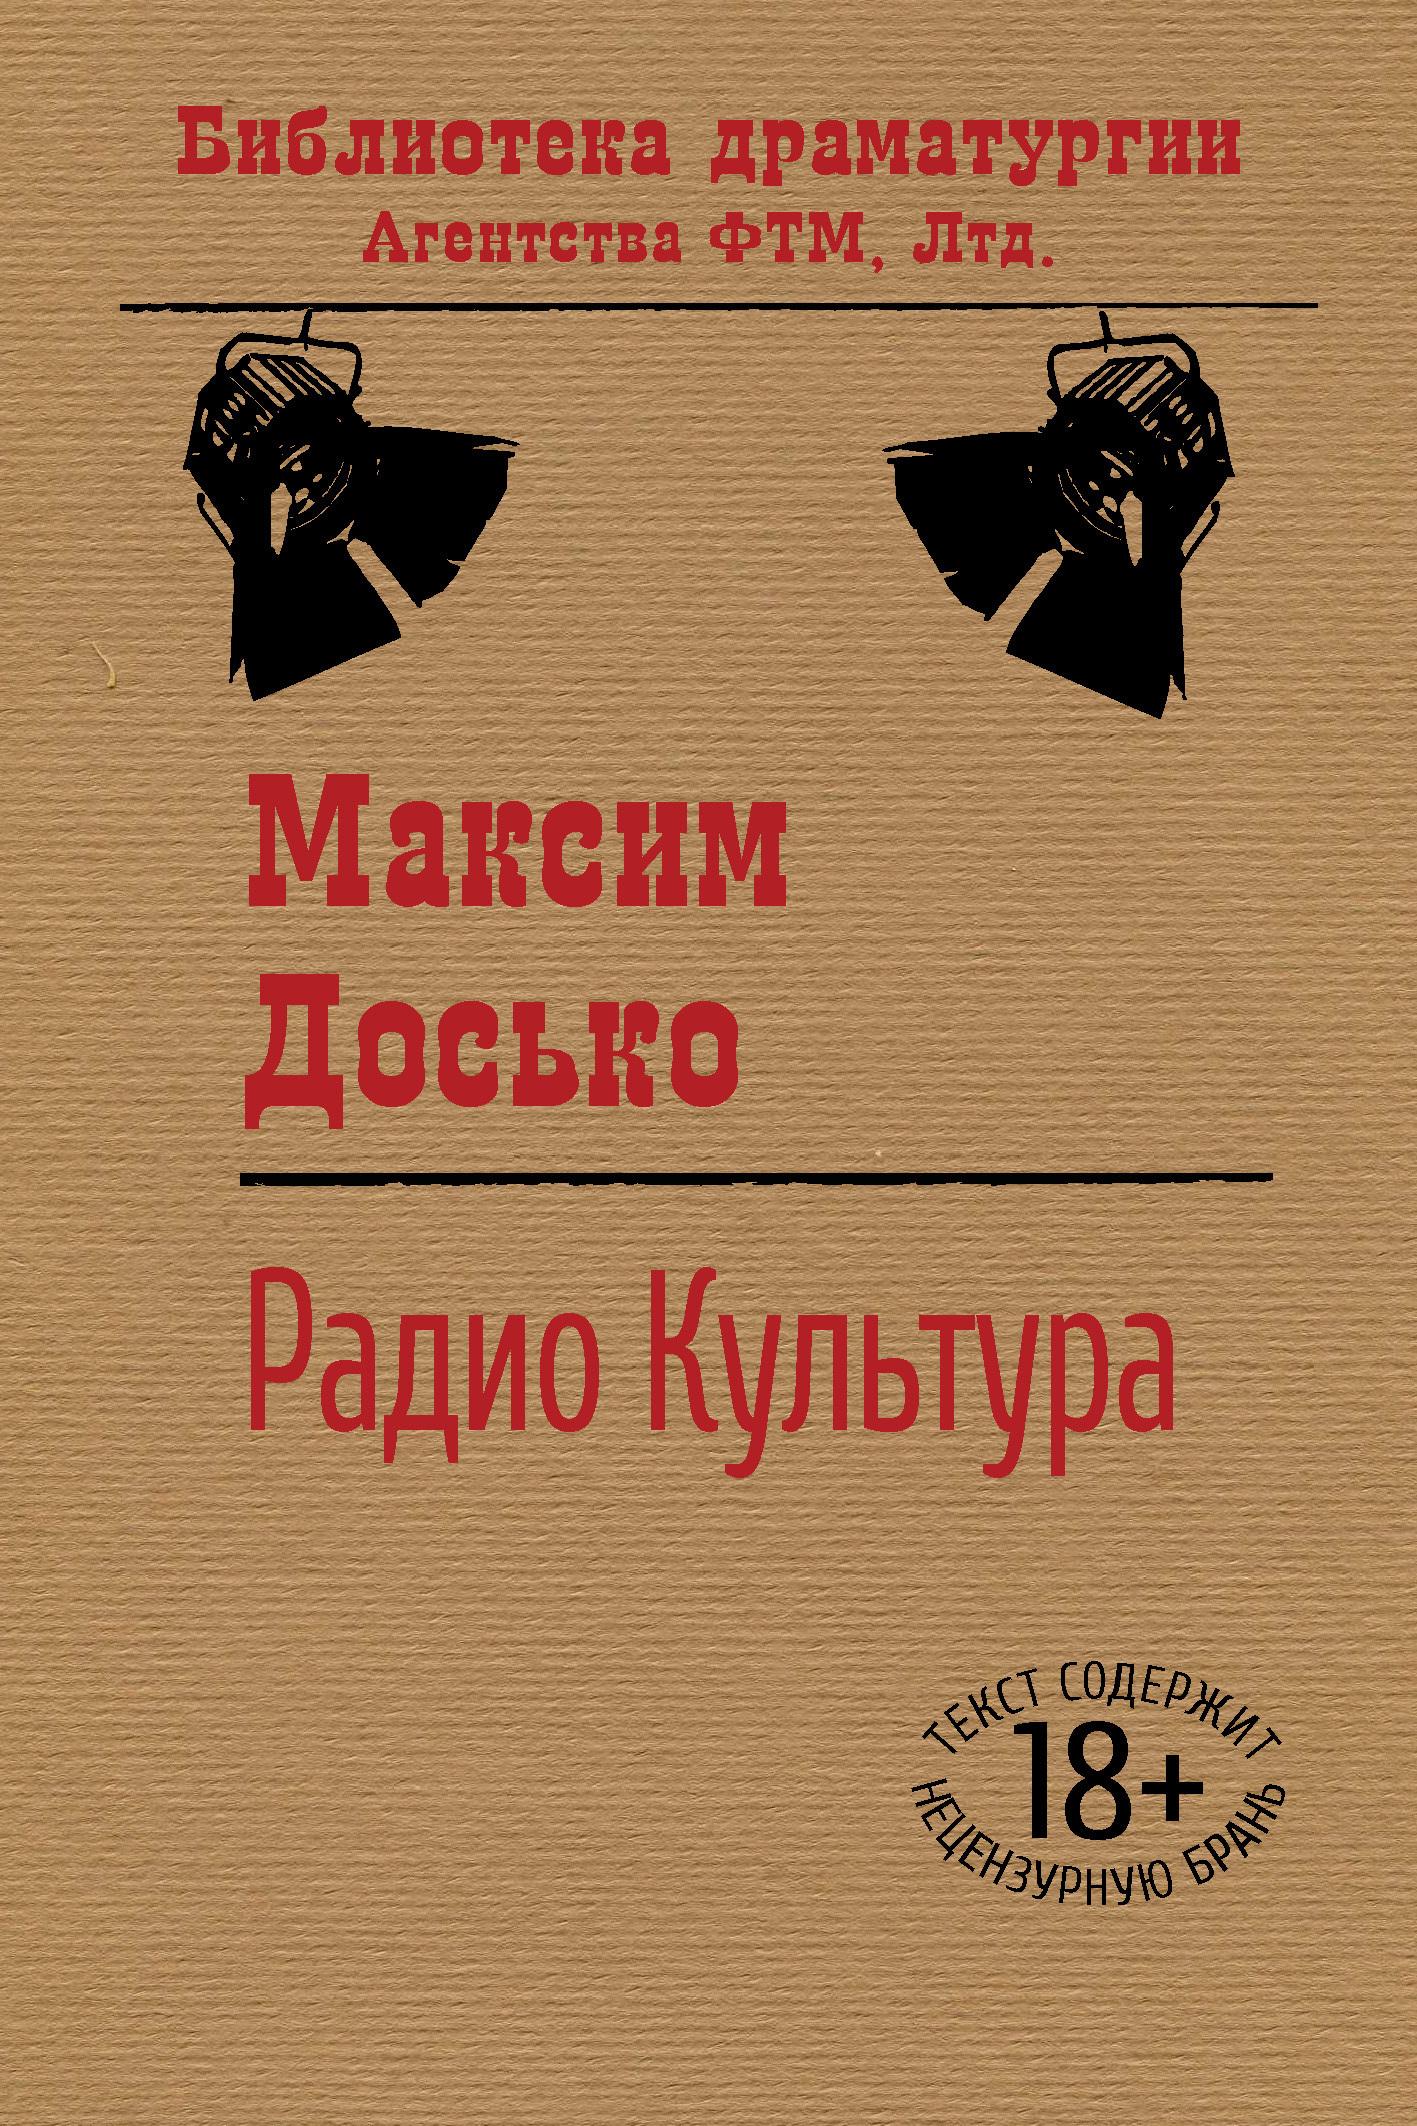 Максим Досько - Радио Культура